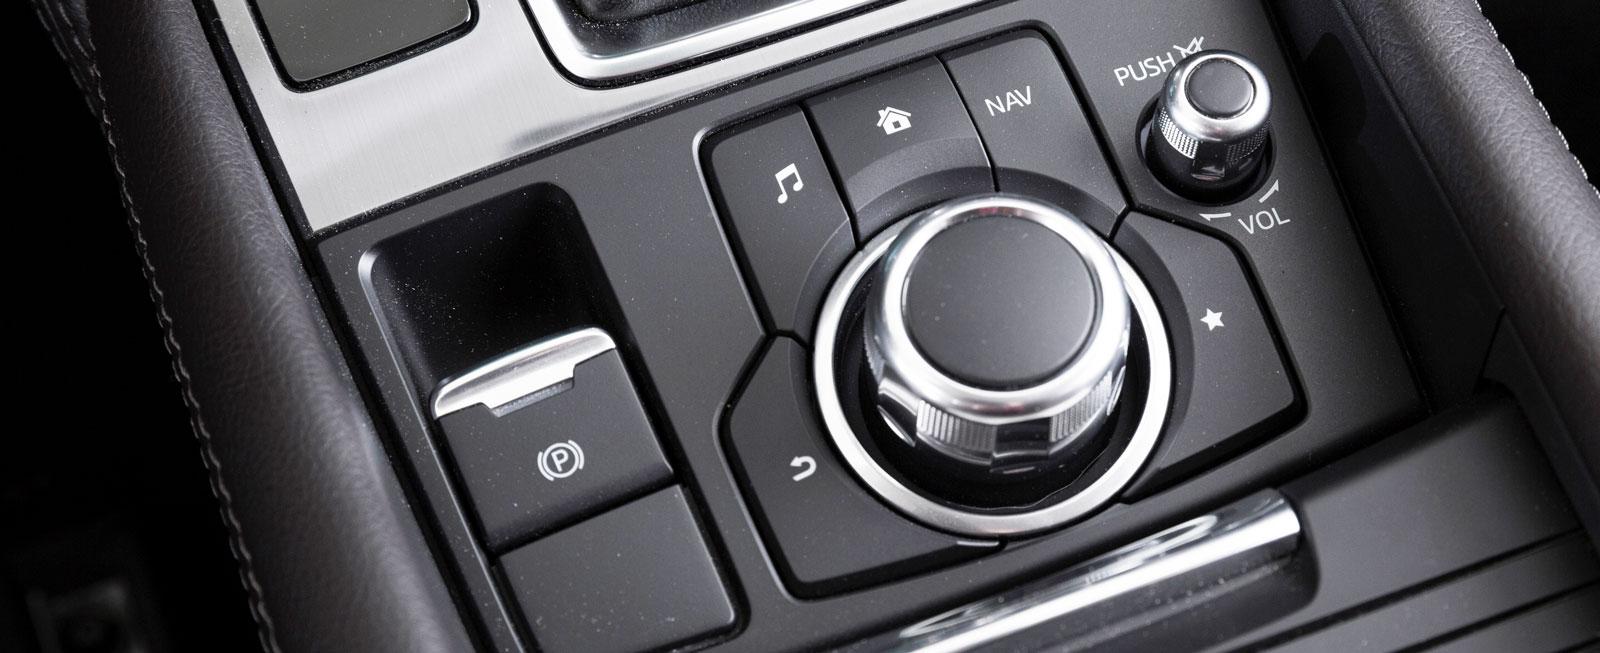 Vi gillar verkligen Mazdas smarta styrning av infotainment. Fem snabbknappar och ett stort vred stör föraren mindre.